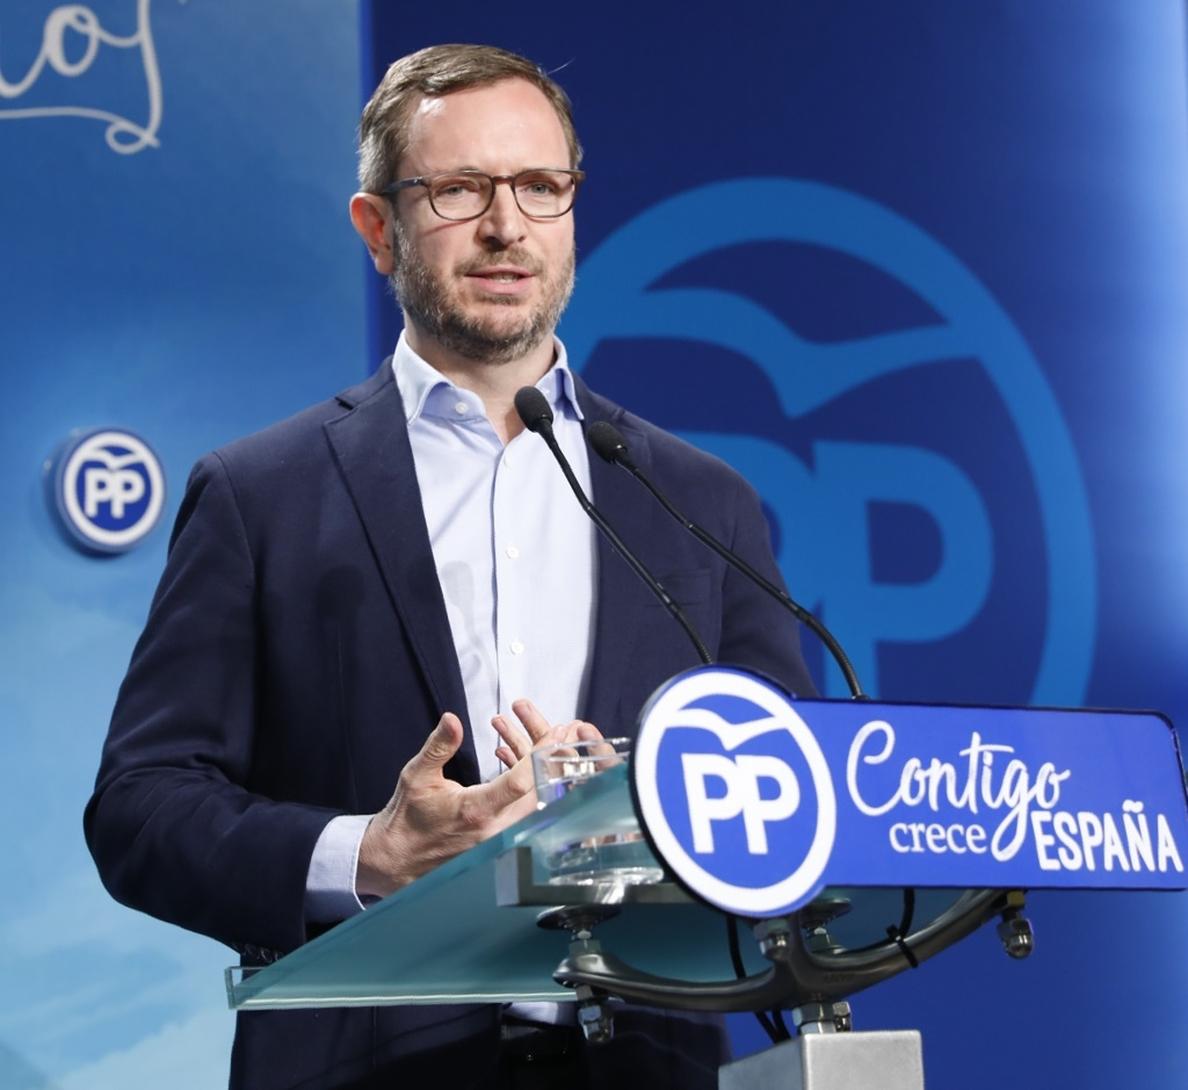 El PP avisa a ETA de que no obtendrá «ningún beneficio político» con su «último acto de propaganda «